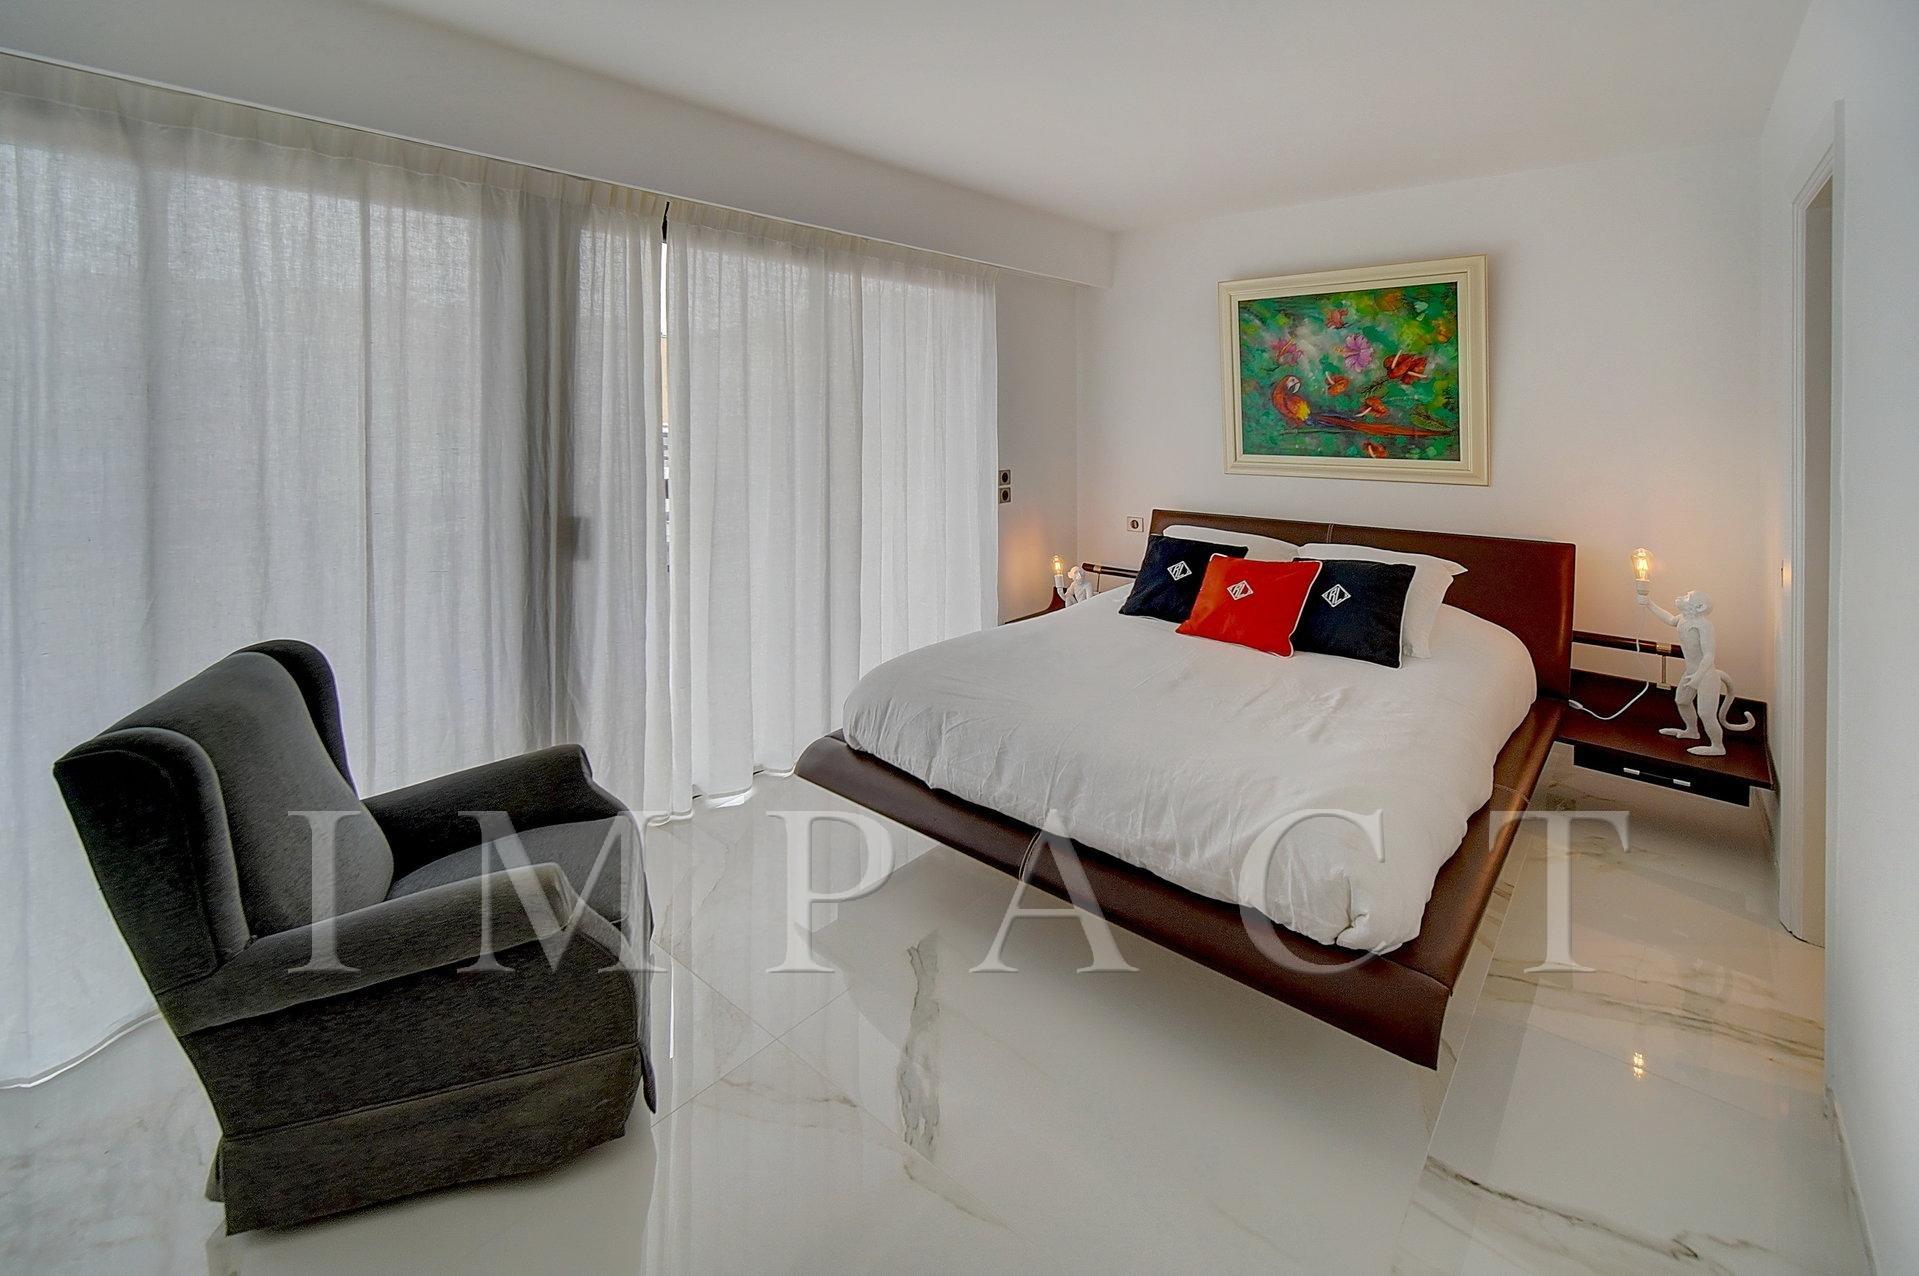 Appartement neuf 6 pièces, vue mer en location saisonnière à Cannes.